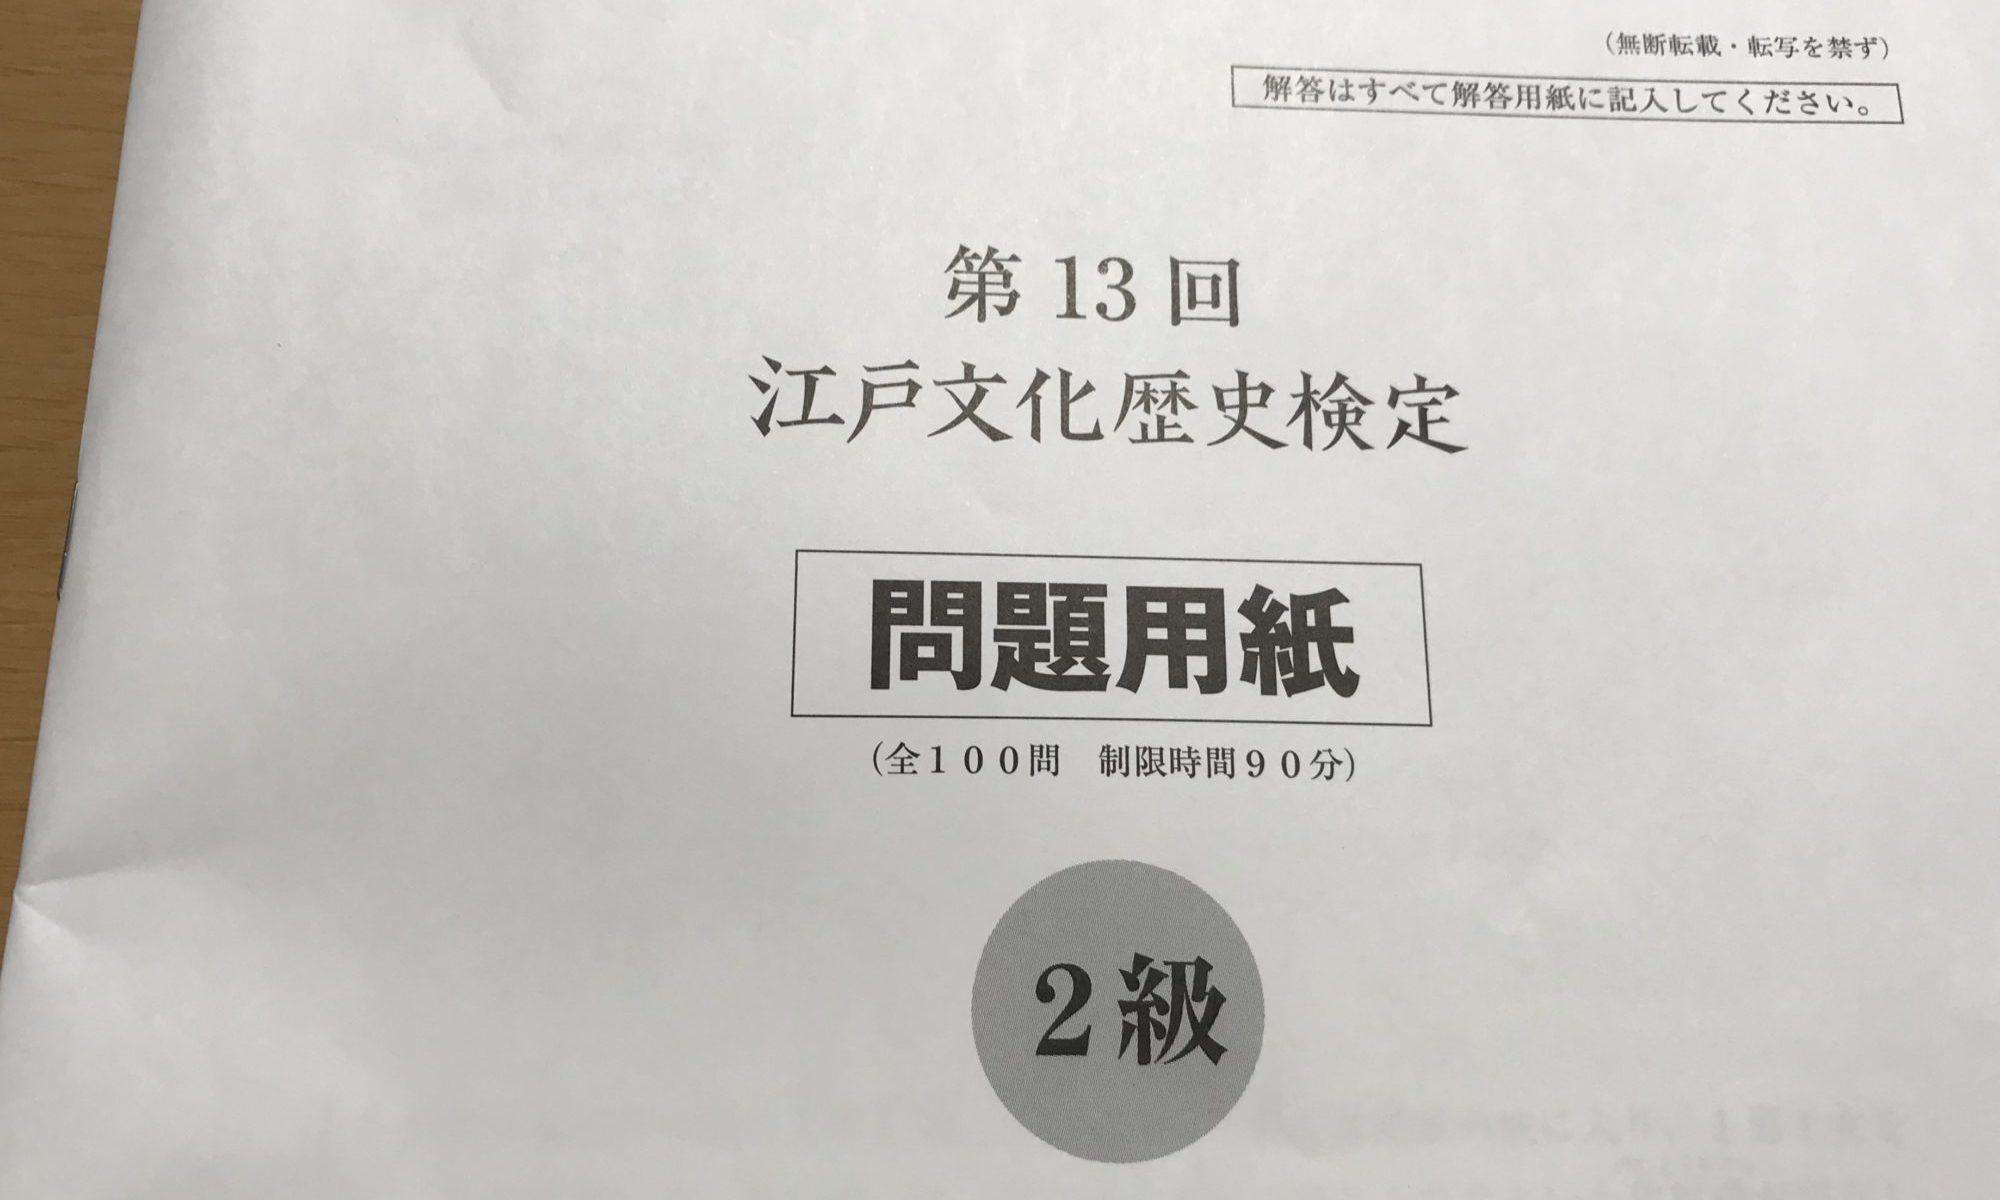 江戸文化歴史検定問題